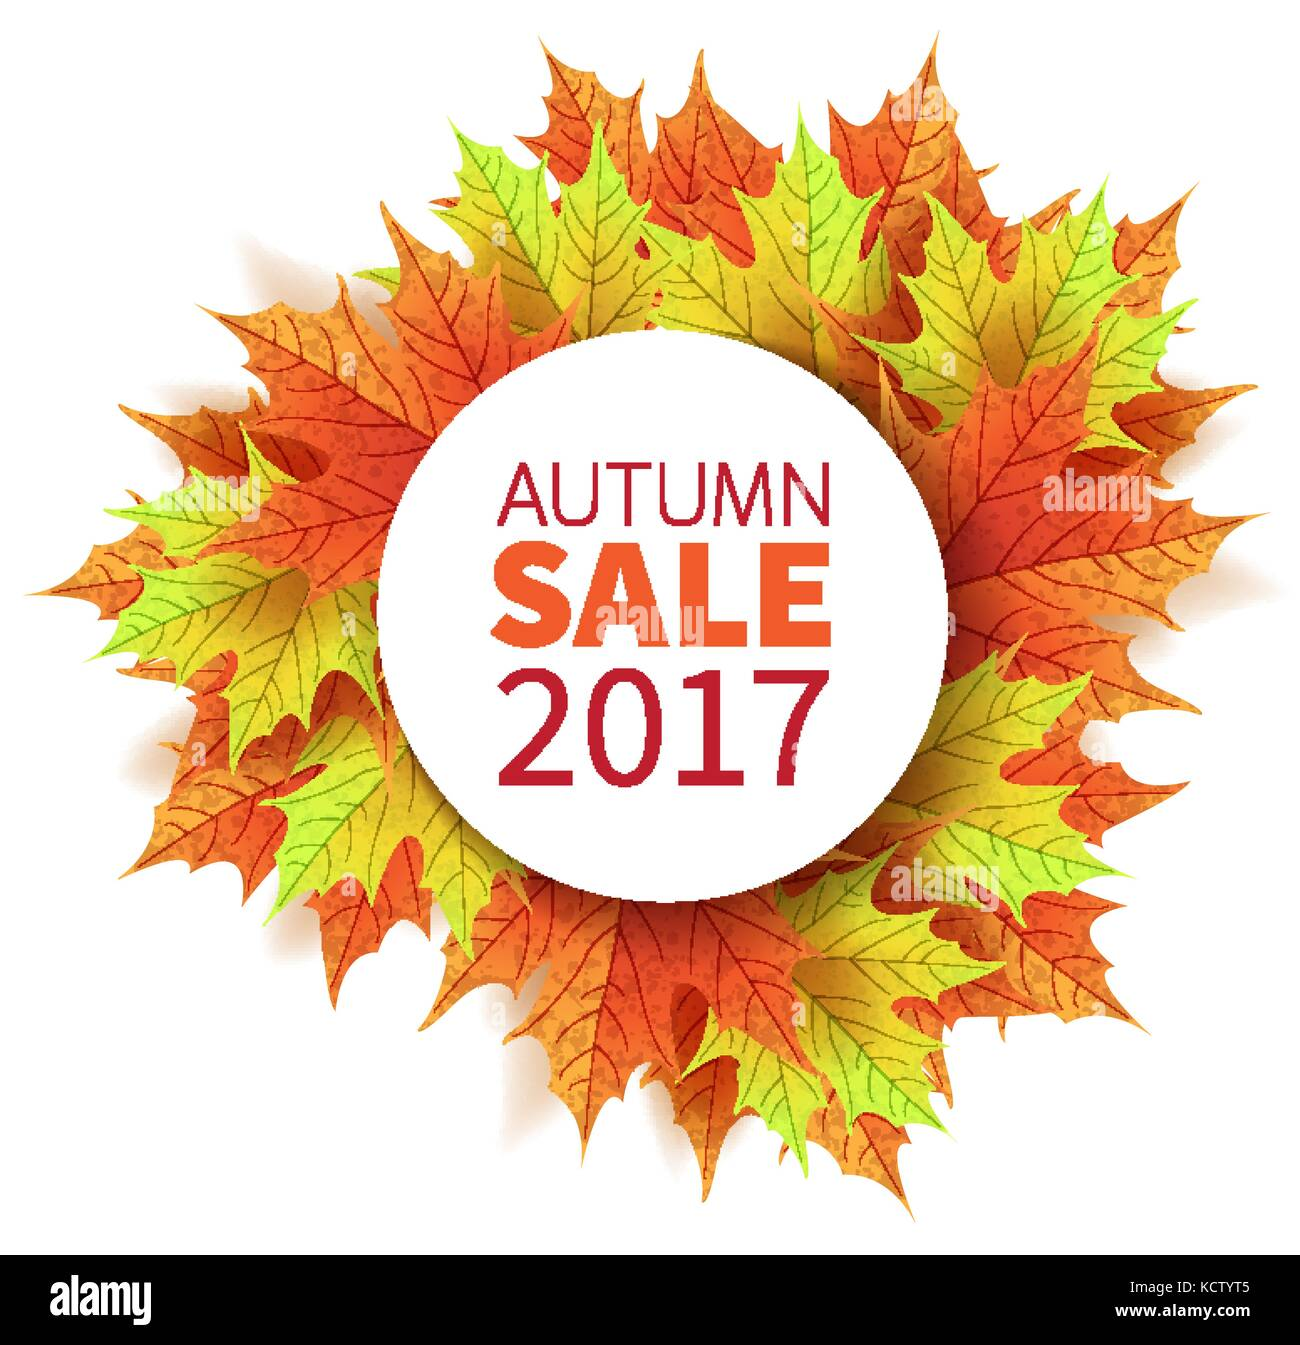 Blätter Im Herbst Farbenfrohen Herbst Ahorn Blätter Vorlage Fo